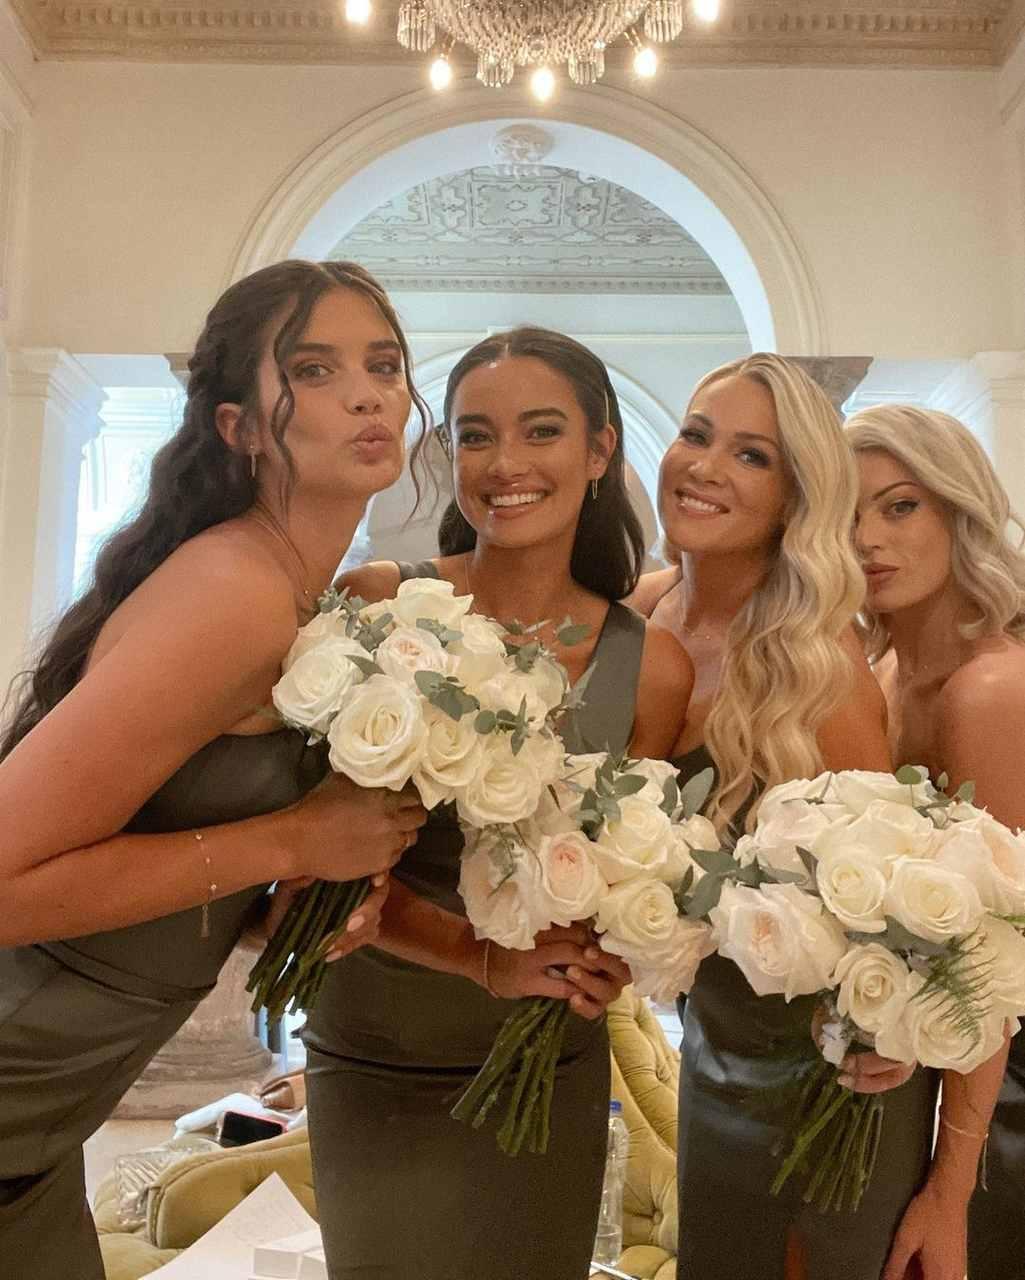 Kelsey Merritt, a part of Jasmine Tookes' bridal party